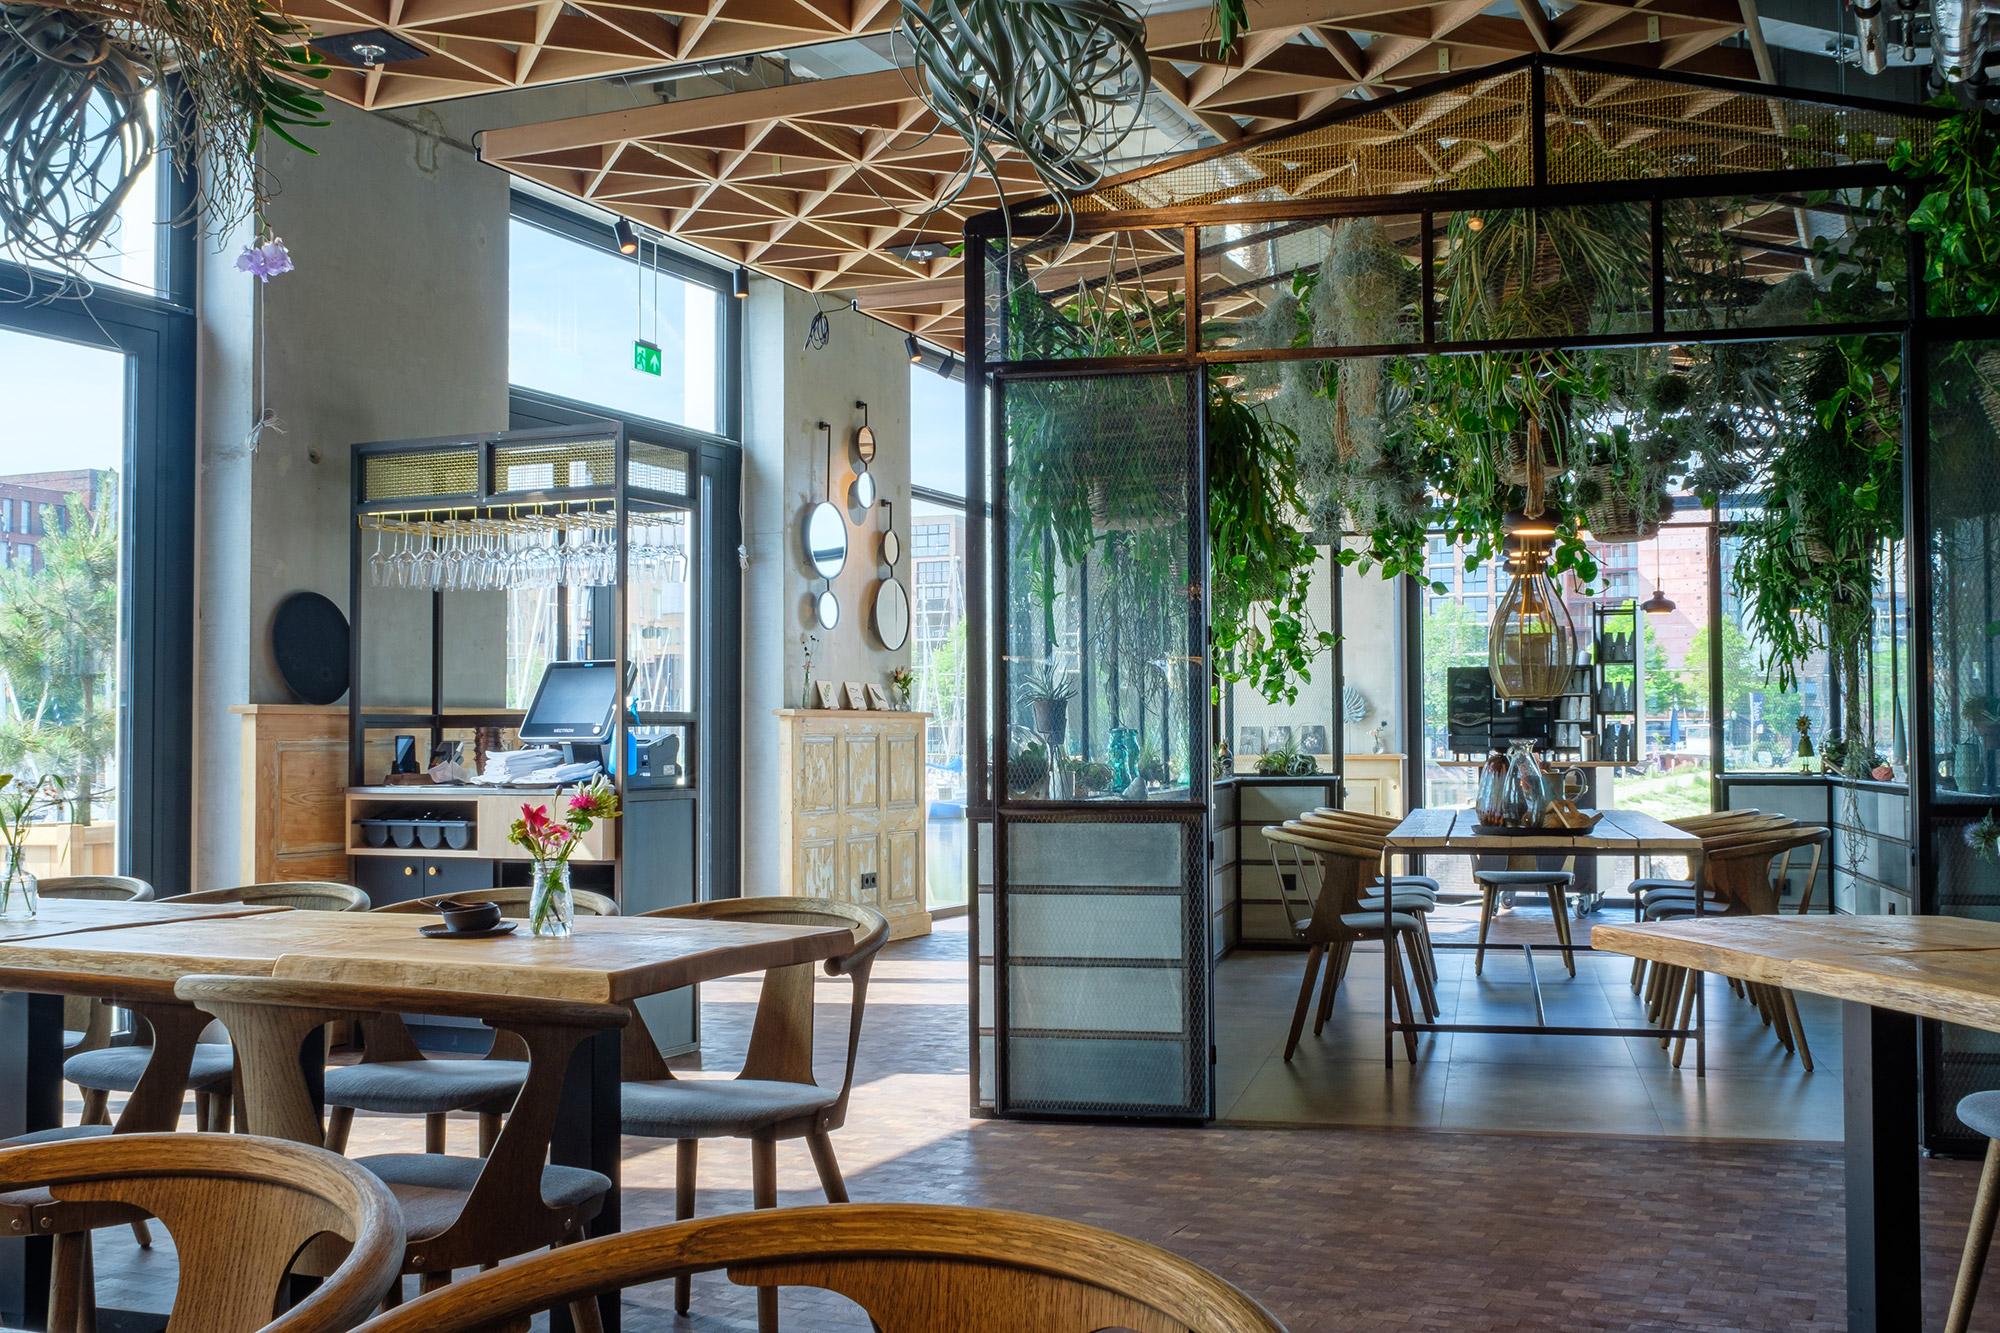 <p>Interieur restaurant Hotel Breeze. Foto: Valentijn Kortekaas</p>